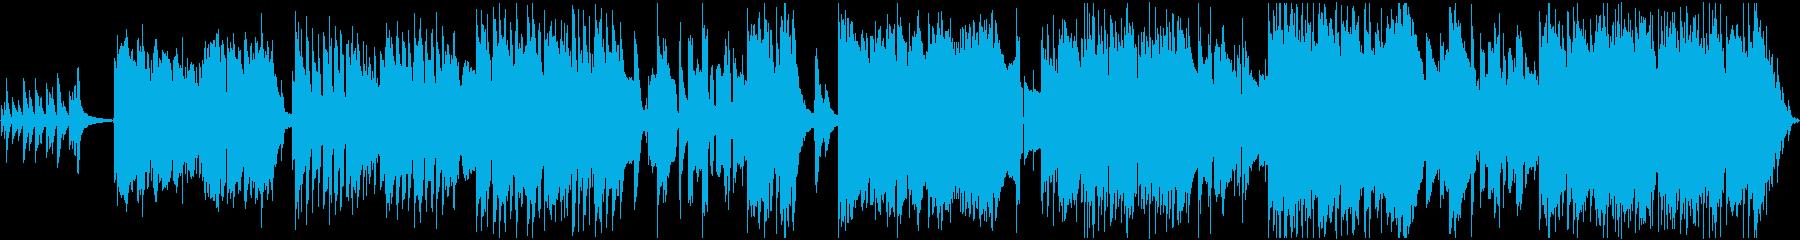 東京日和の再生済みの波形